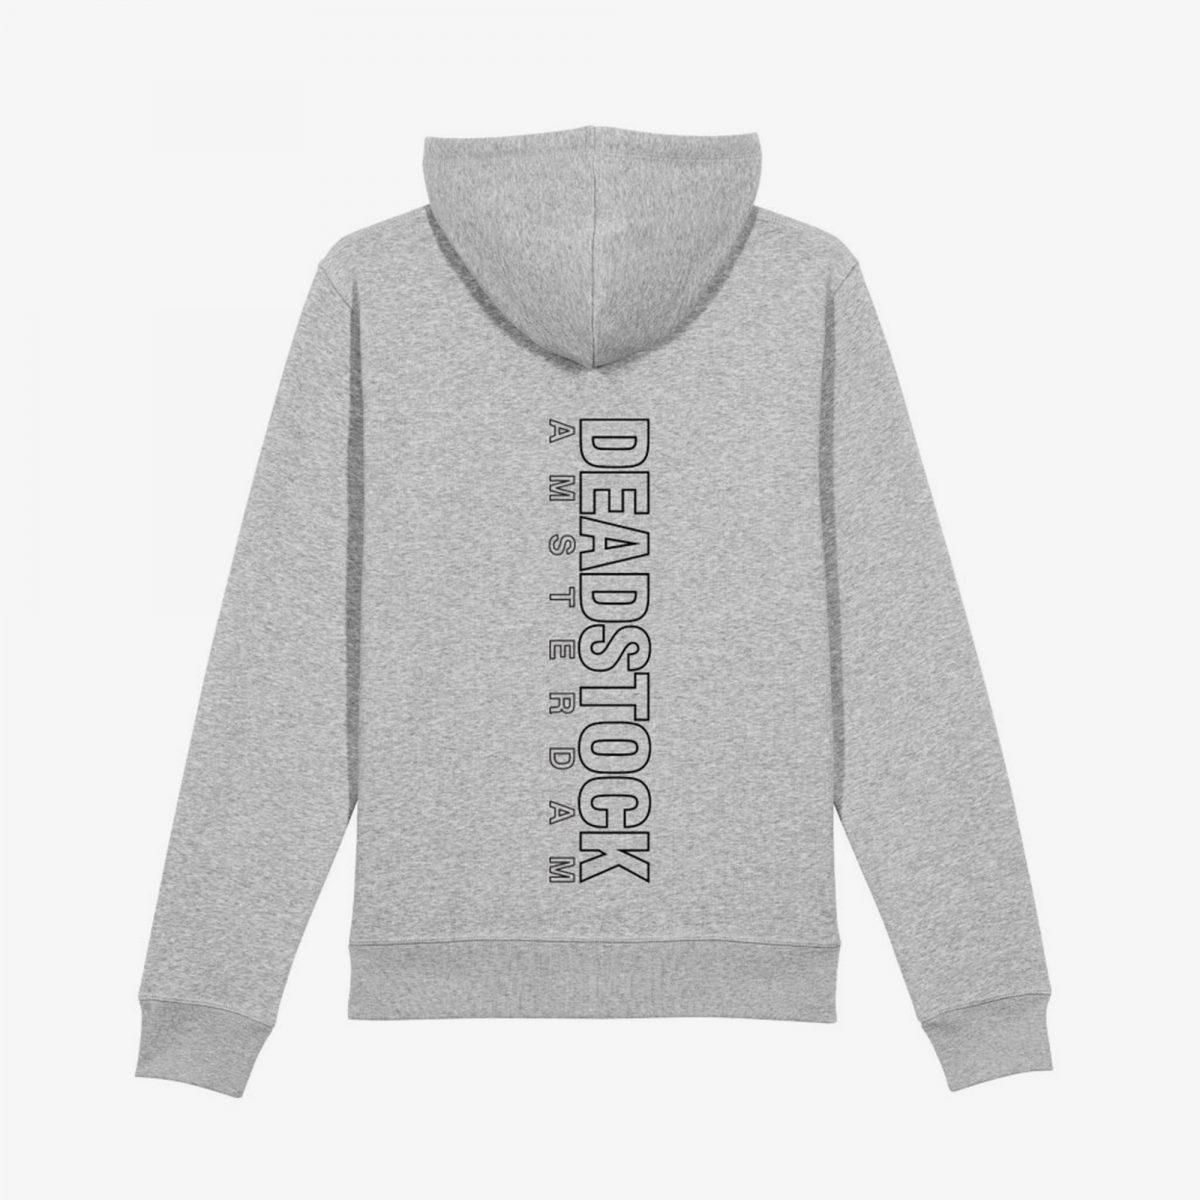 Return-Grey-Hoodie-Back-Grey-Background